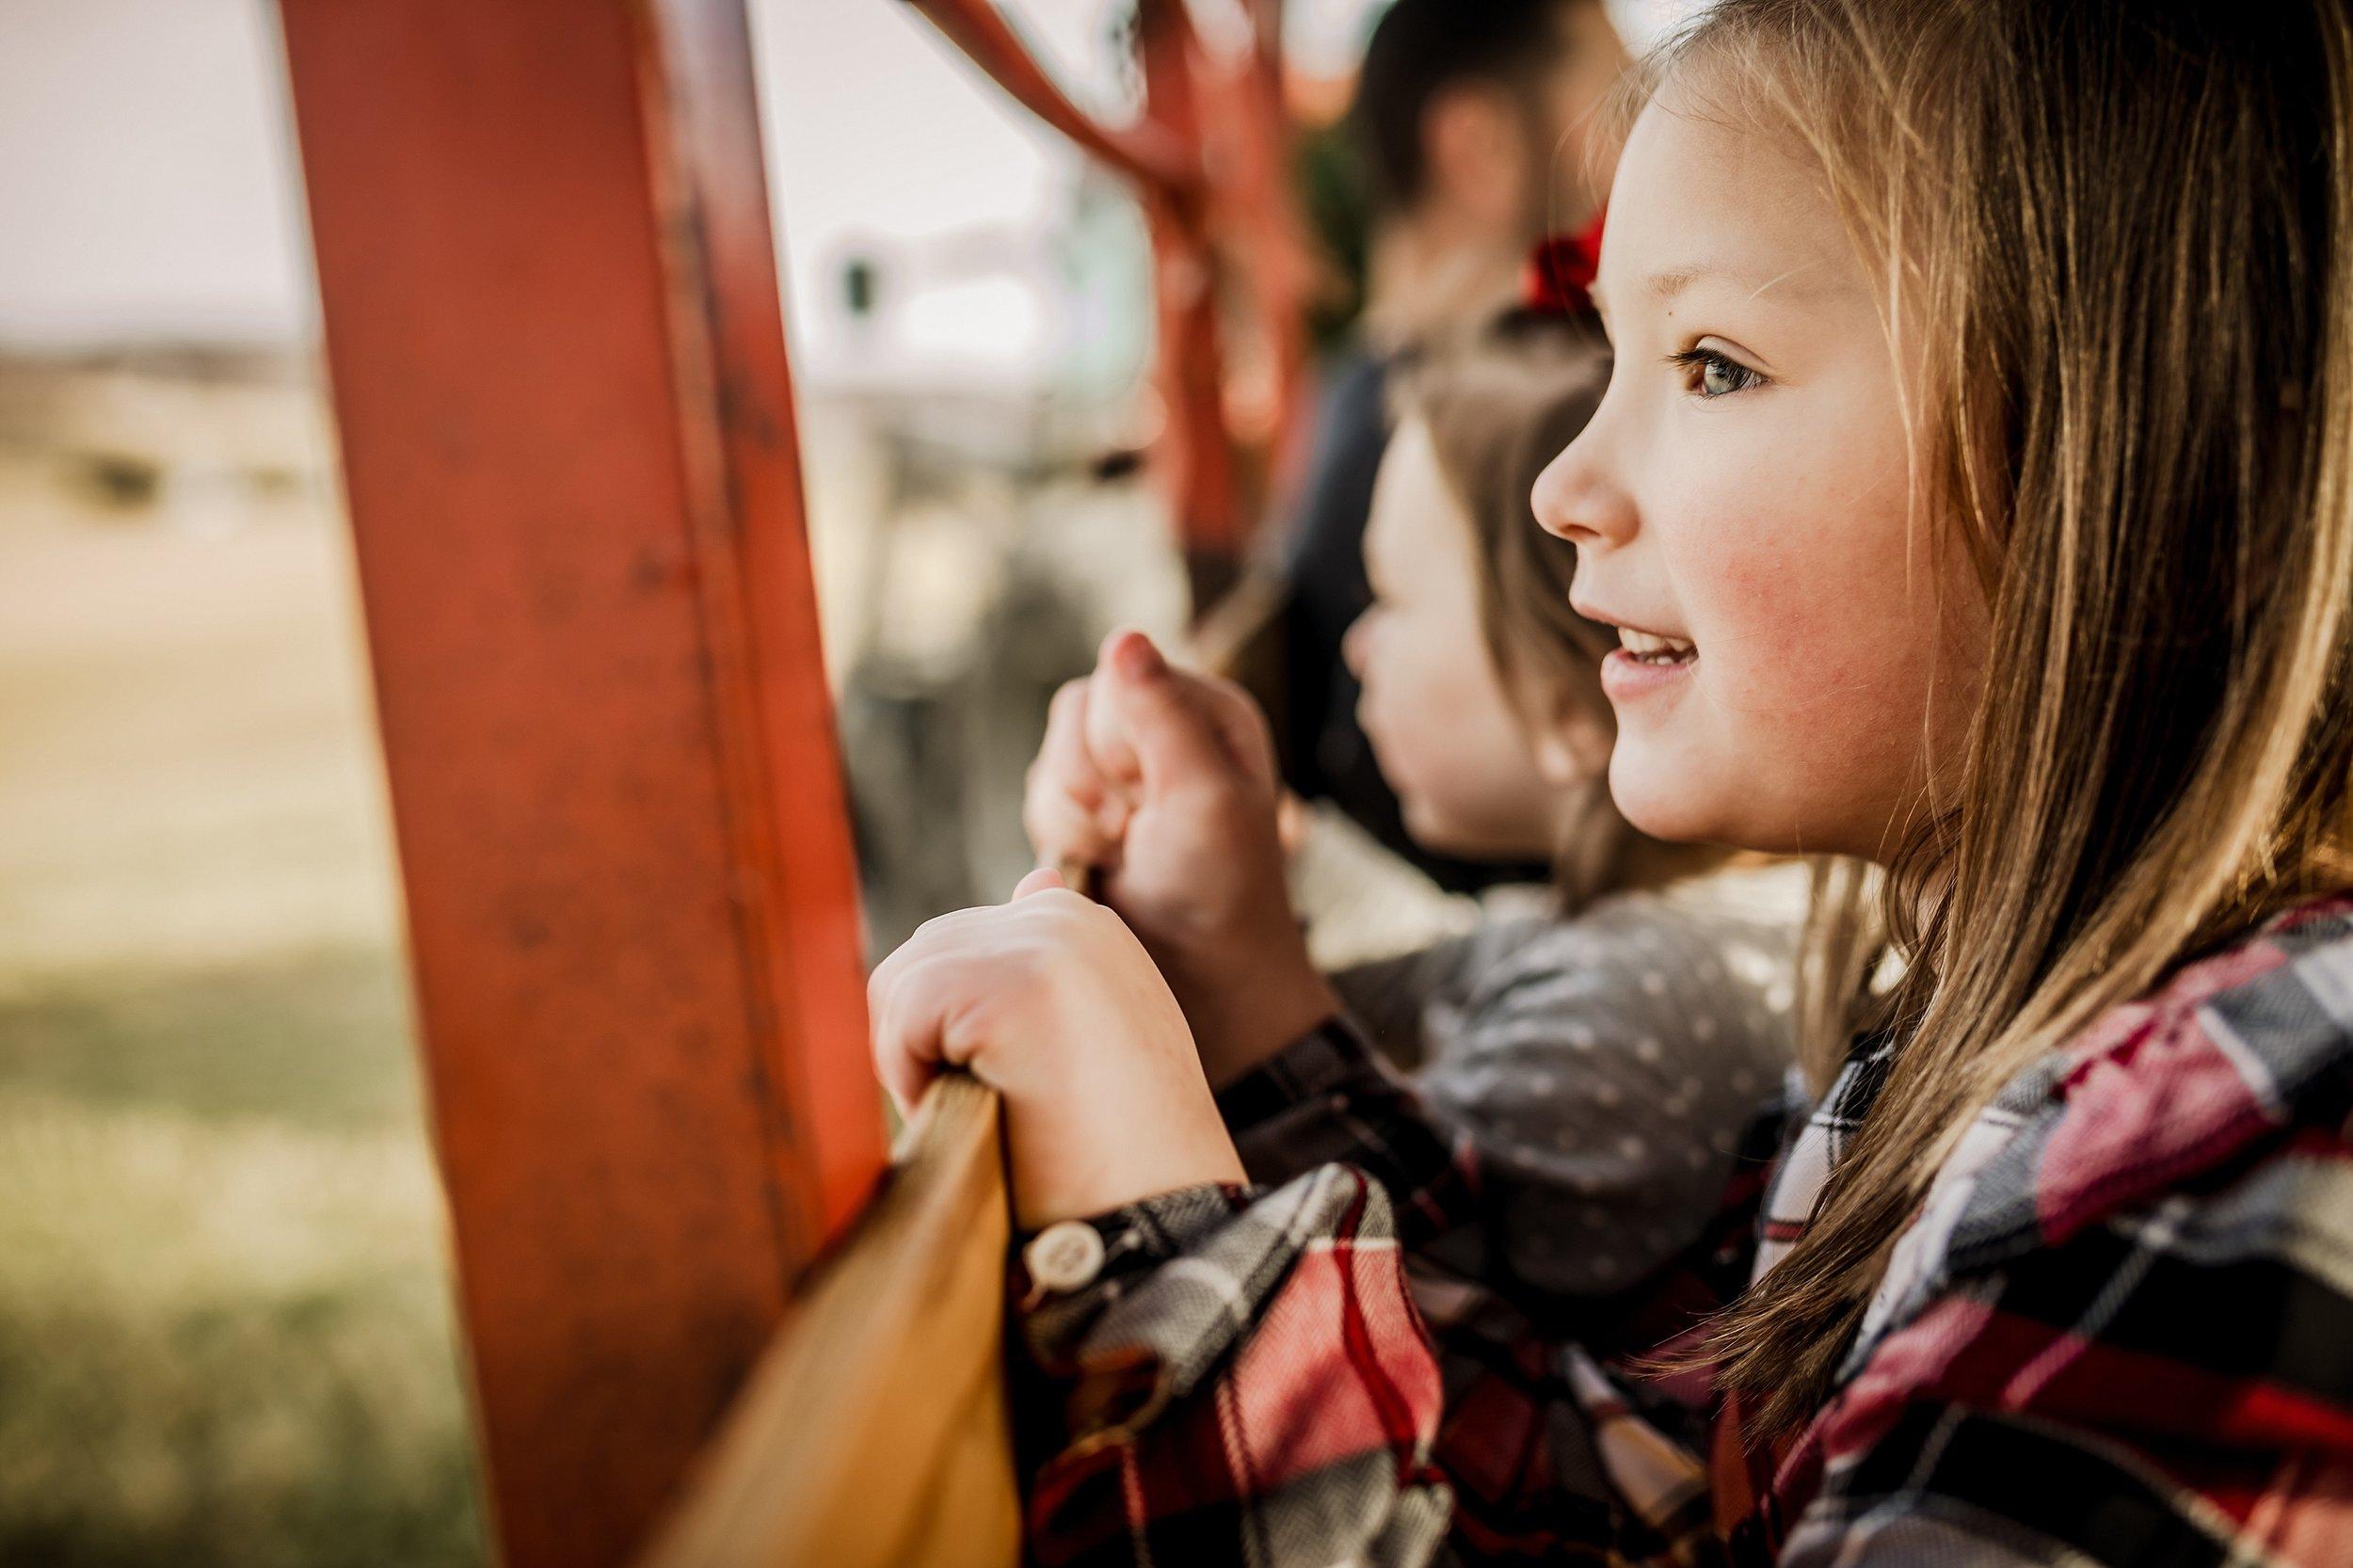 Lehigh-Valley-Documentary-Family-Photographer_0068.jpg